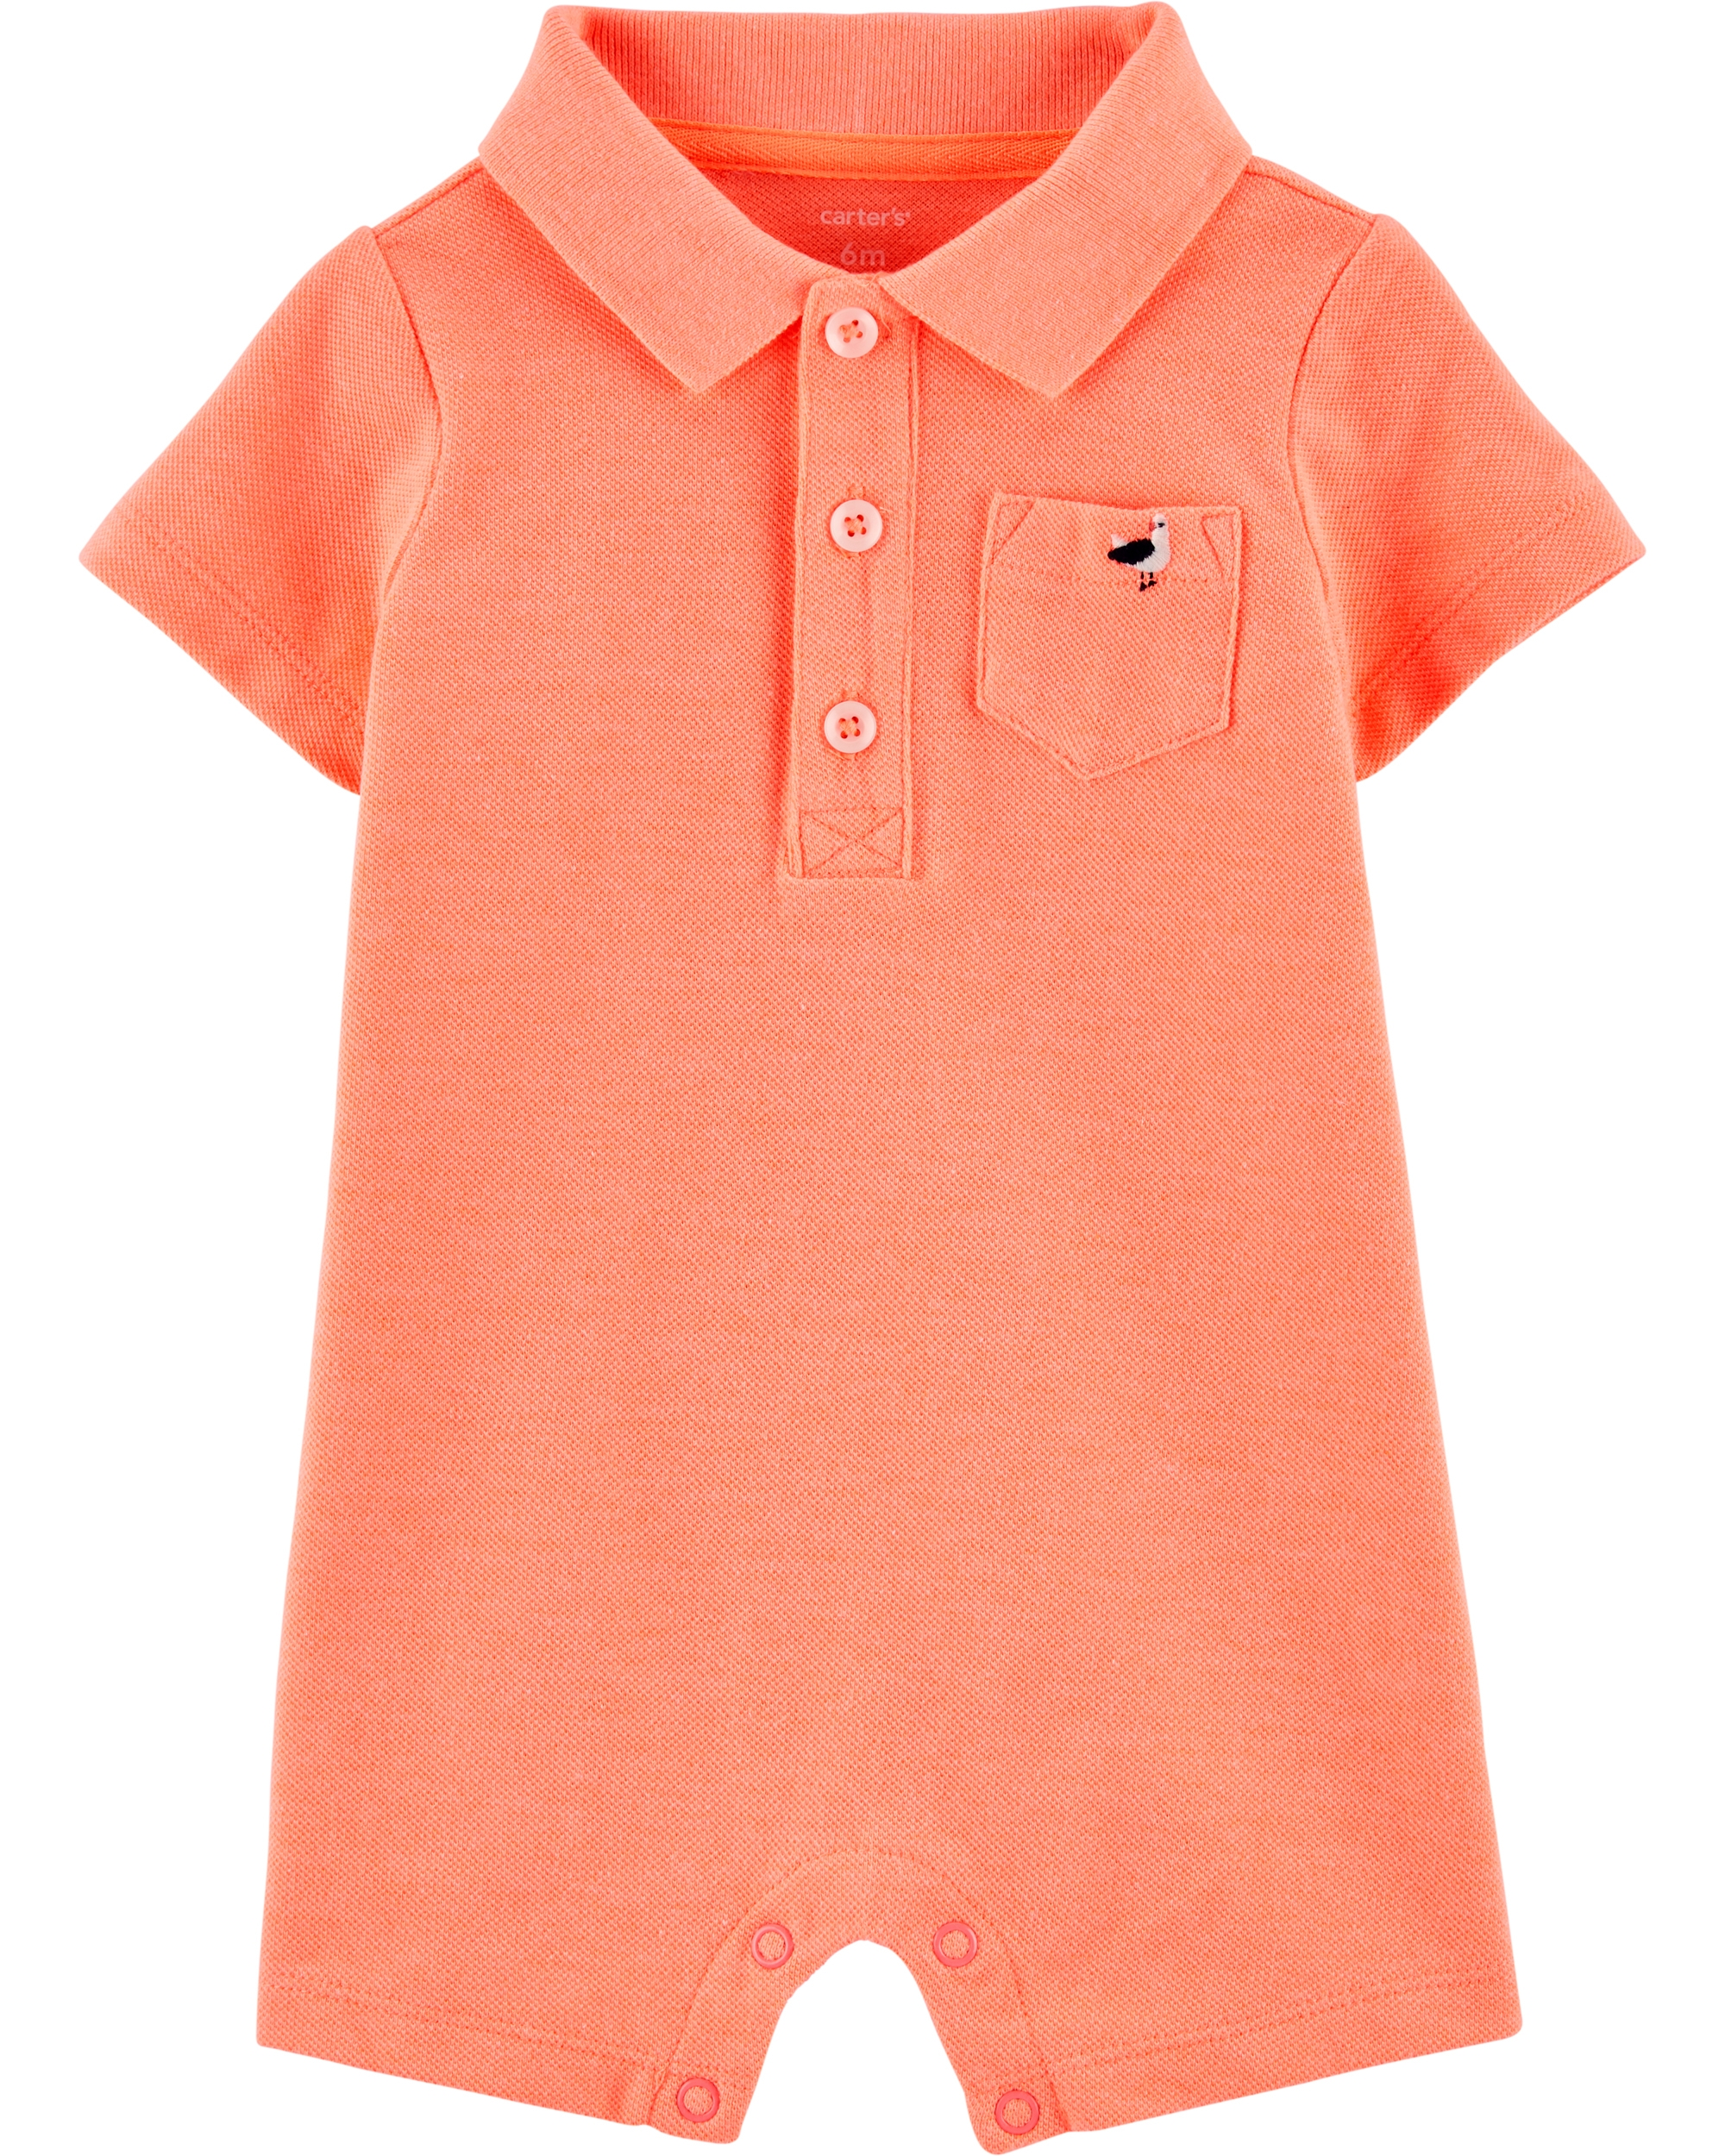 Carter's Salopetă bebelus tip cămașă portocaliu neon imagine